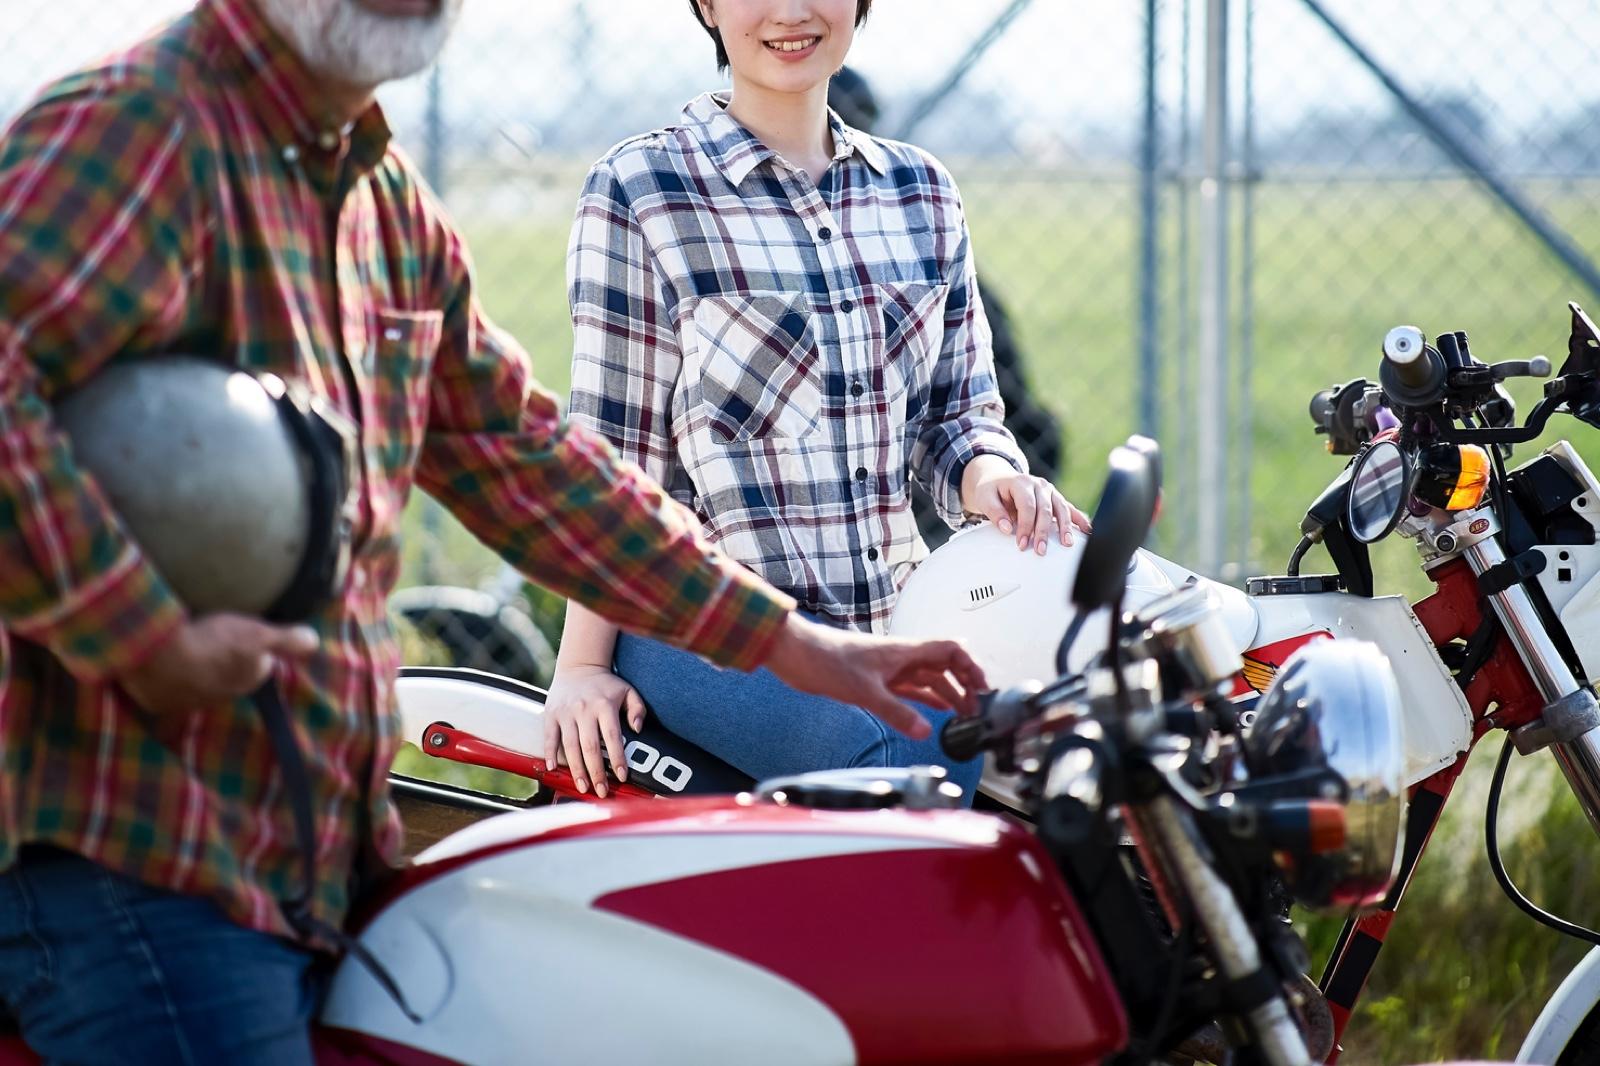 イメージ:少子高齢社会活性化のカギ クロスジェネレーション